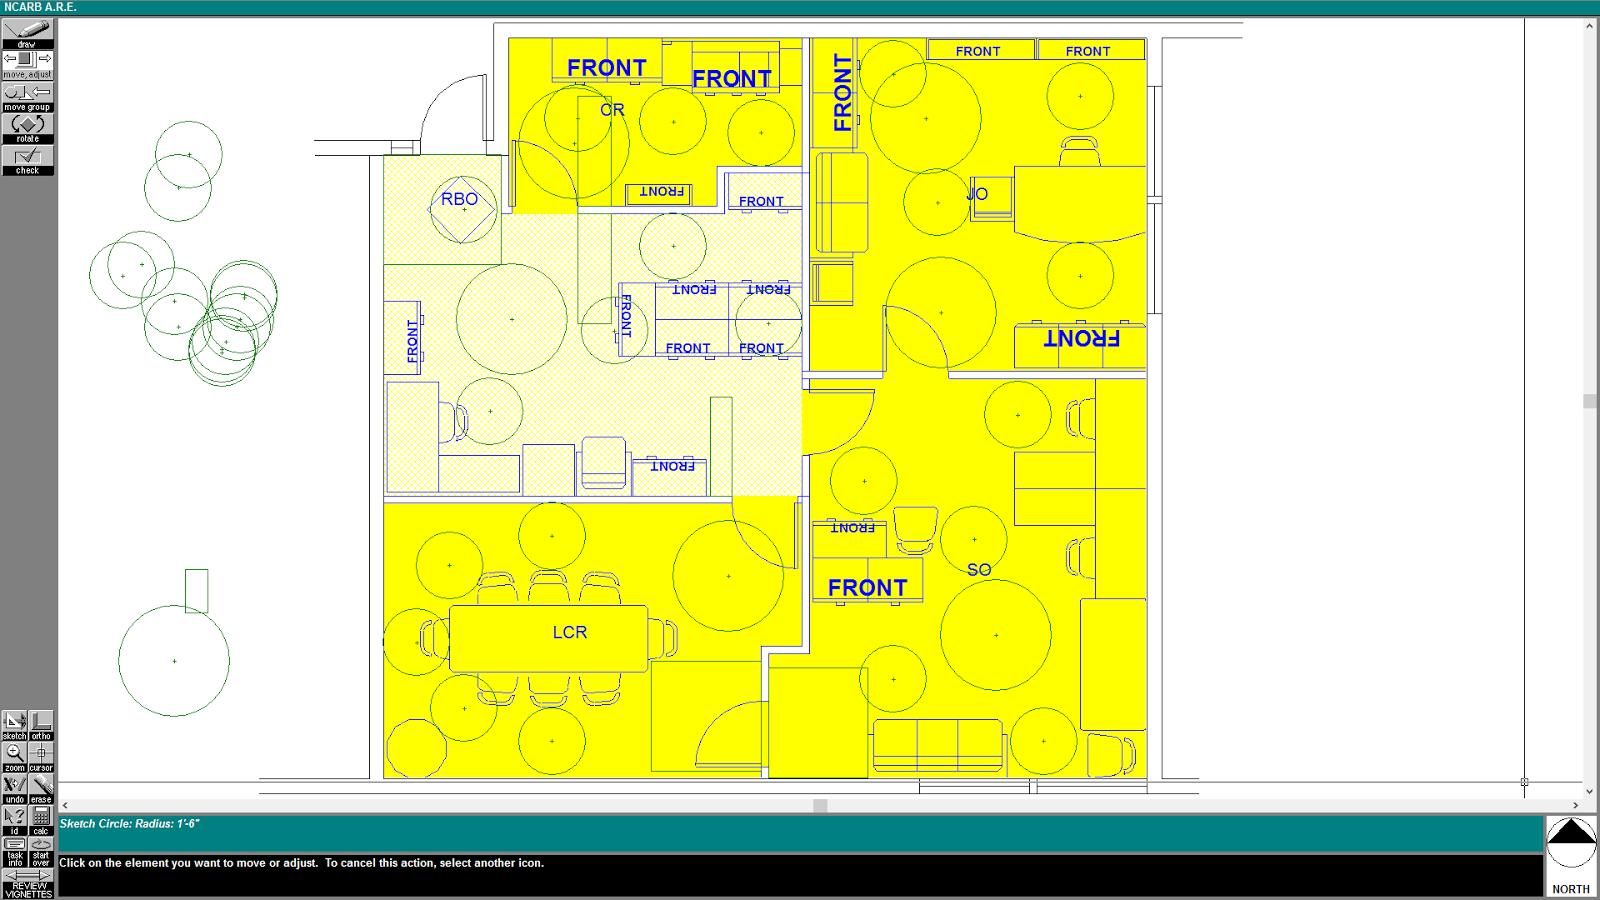 Schematic Design Interior Layout ALT 3